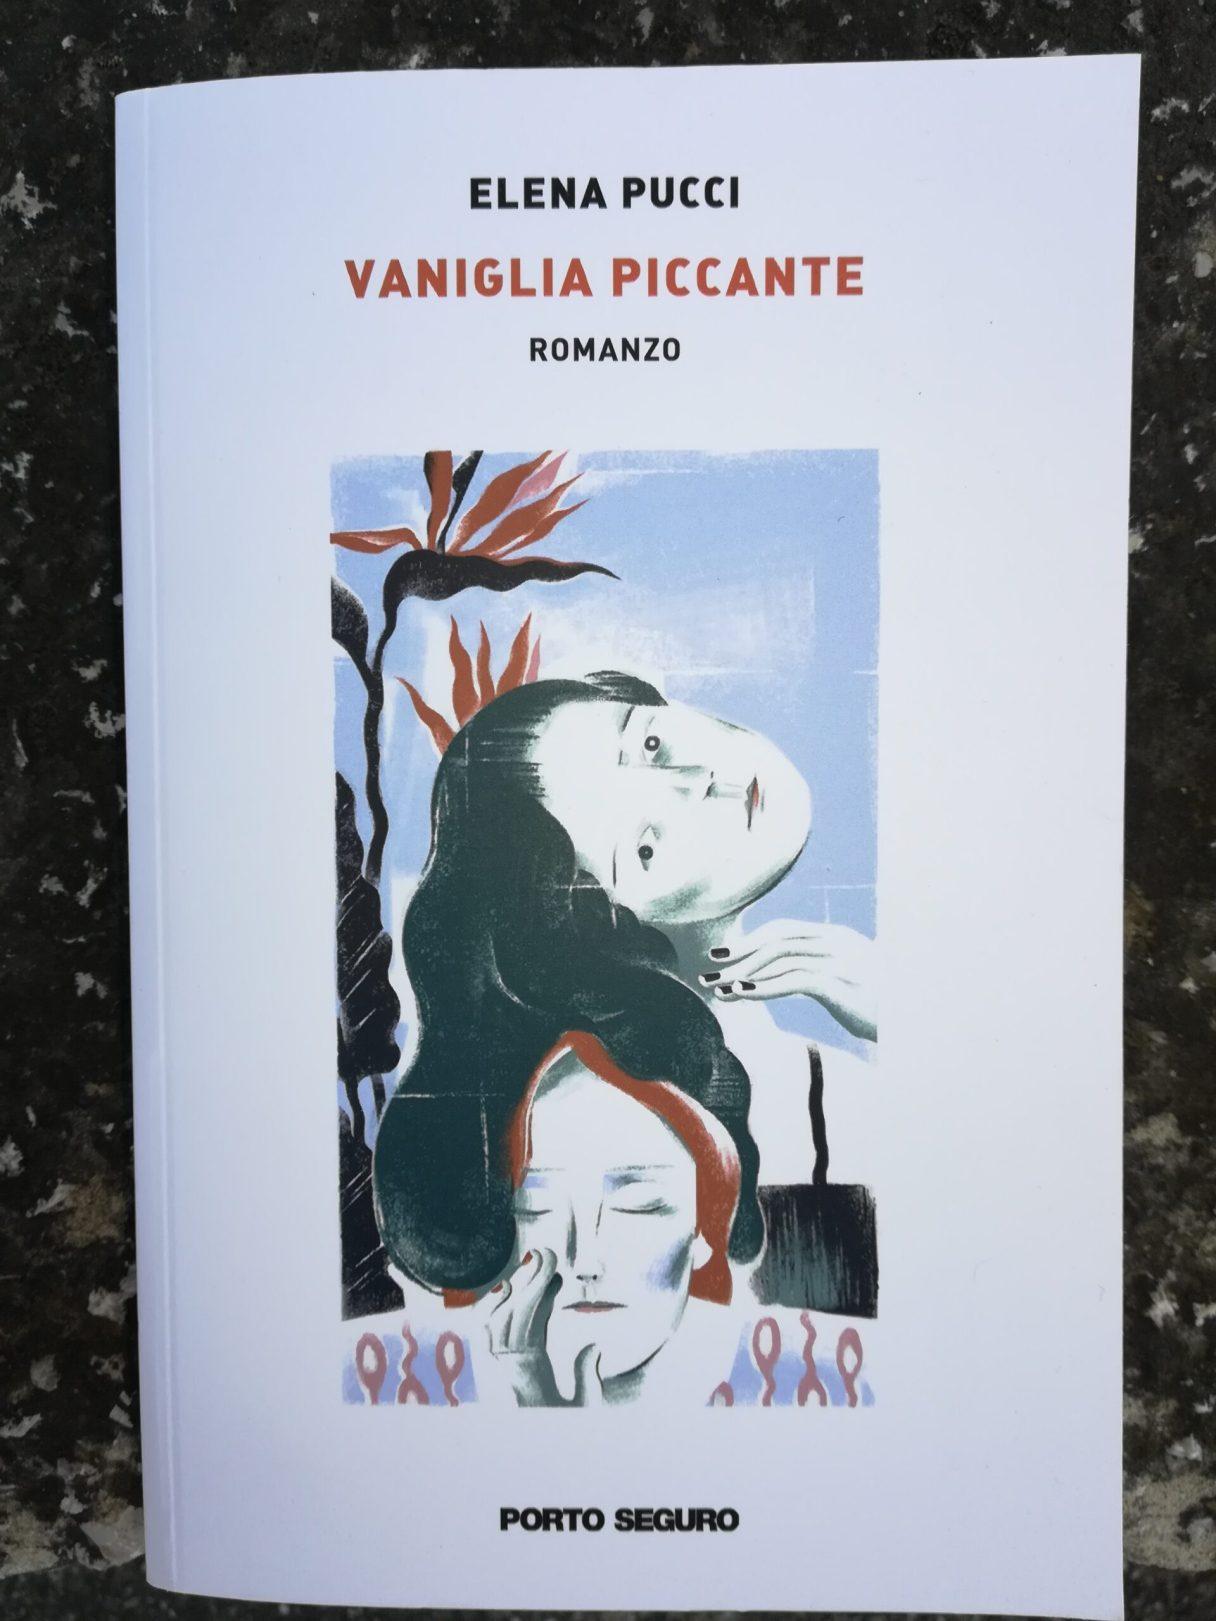 Vaniglia Piccante Book Cover